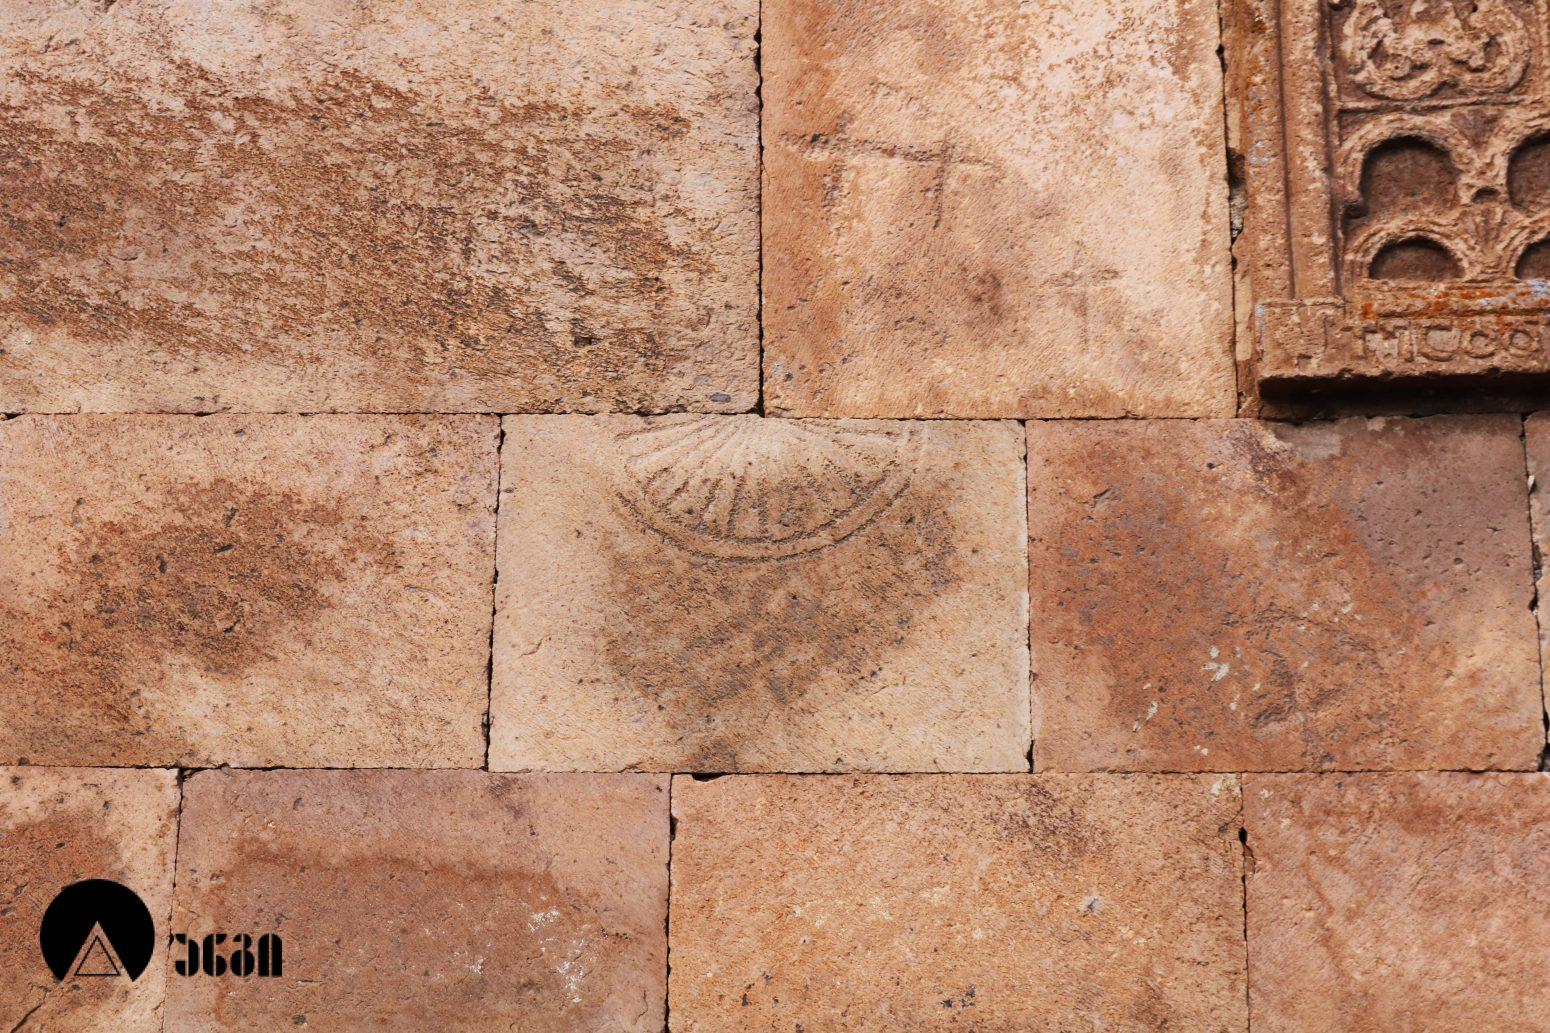 ფოკის წმინდა ნინოს სახელობის ეკლესია